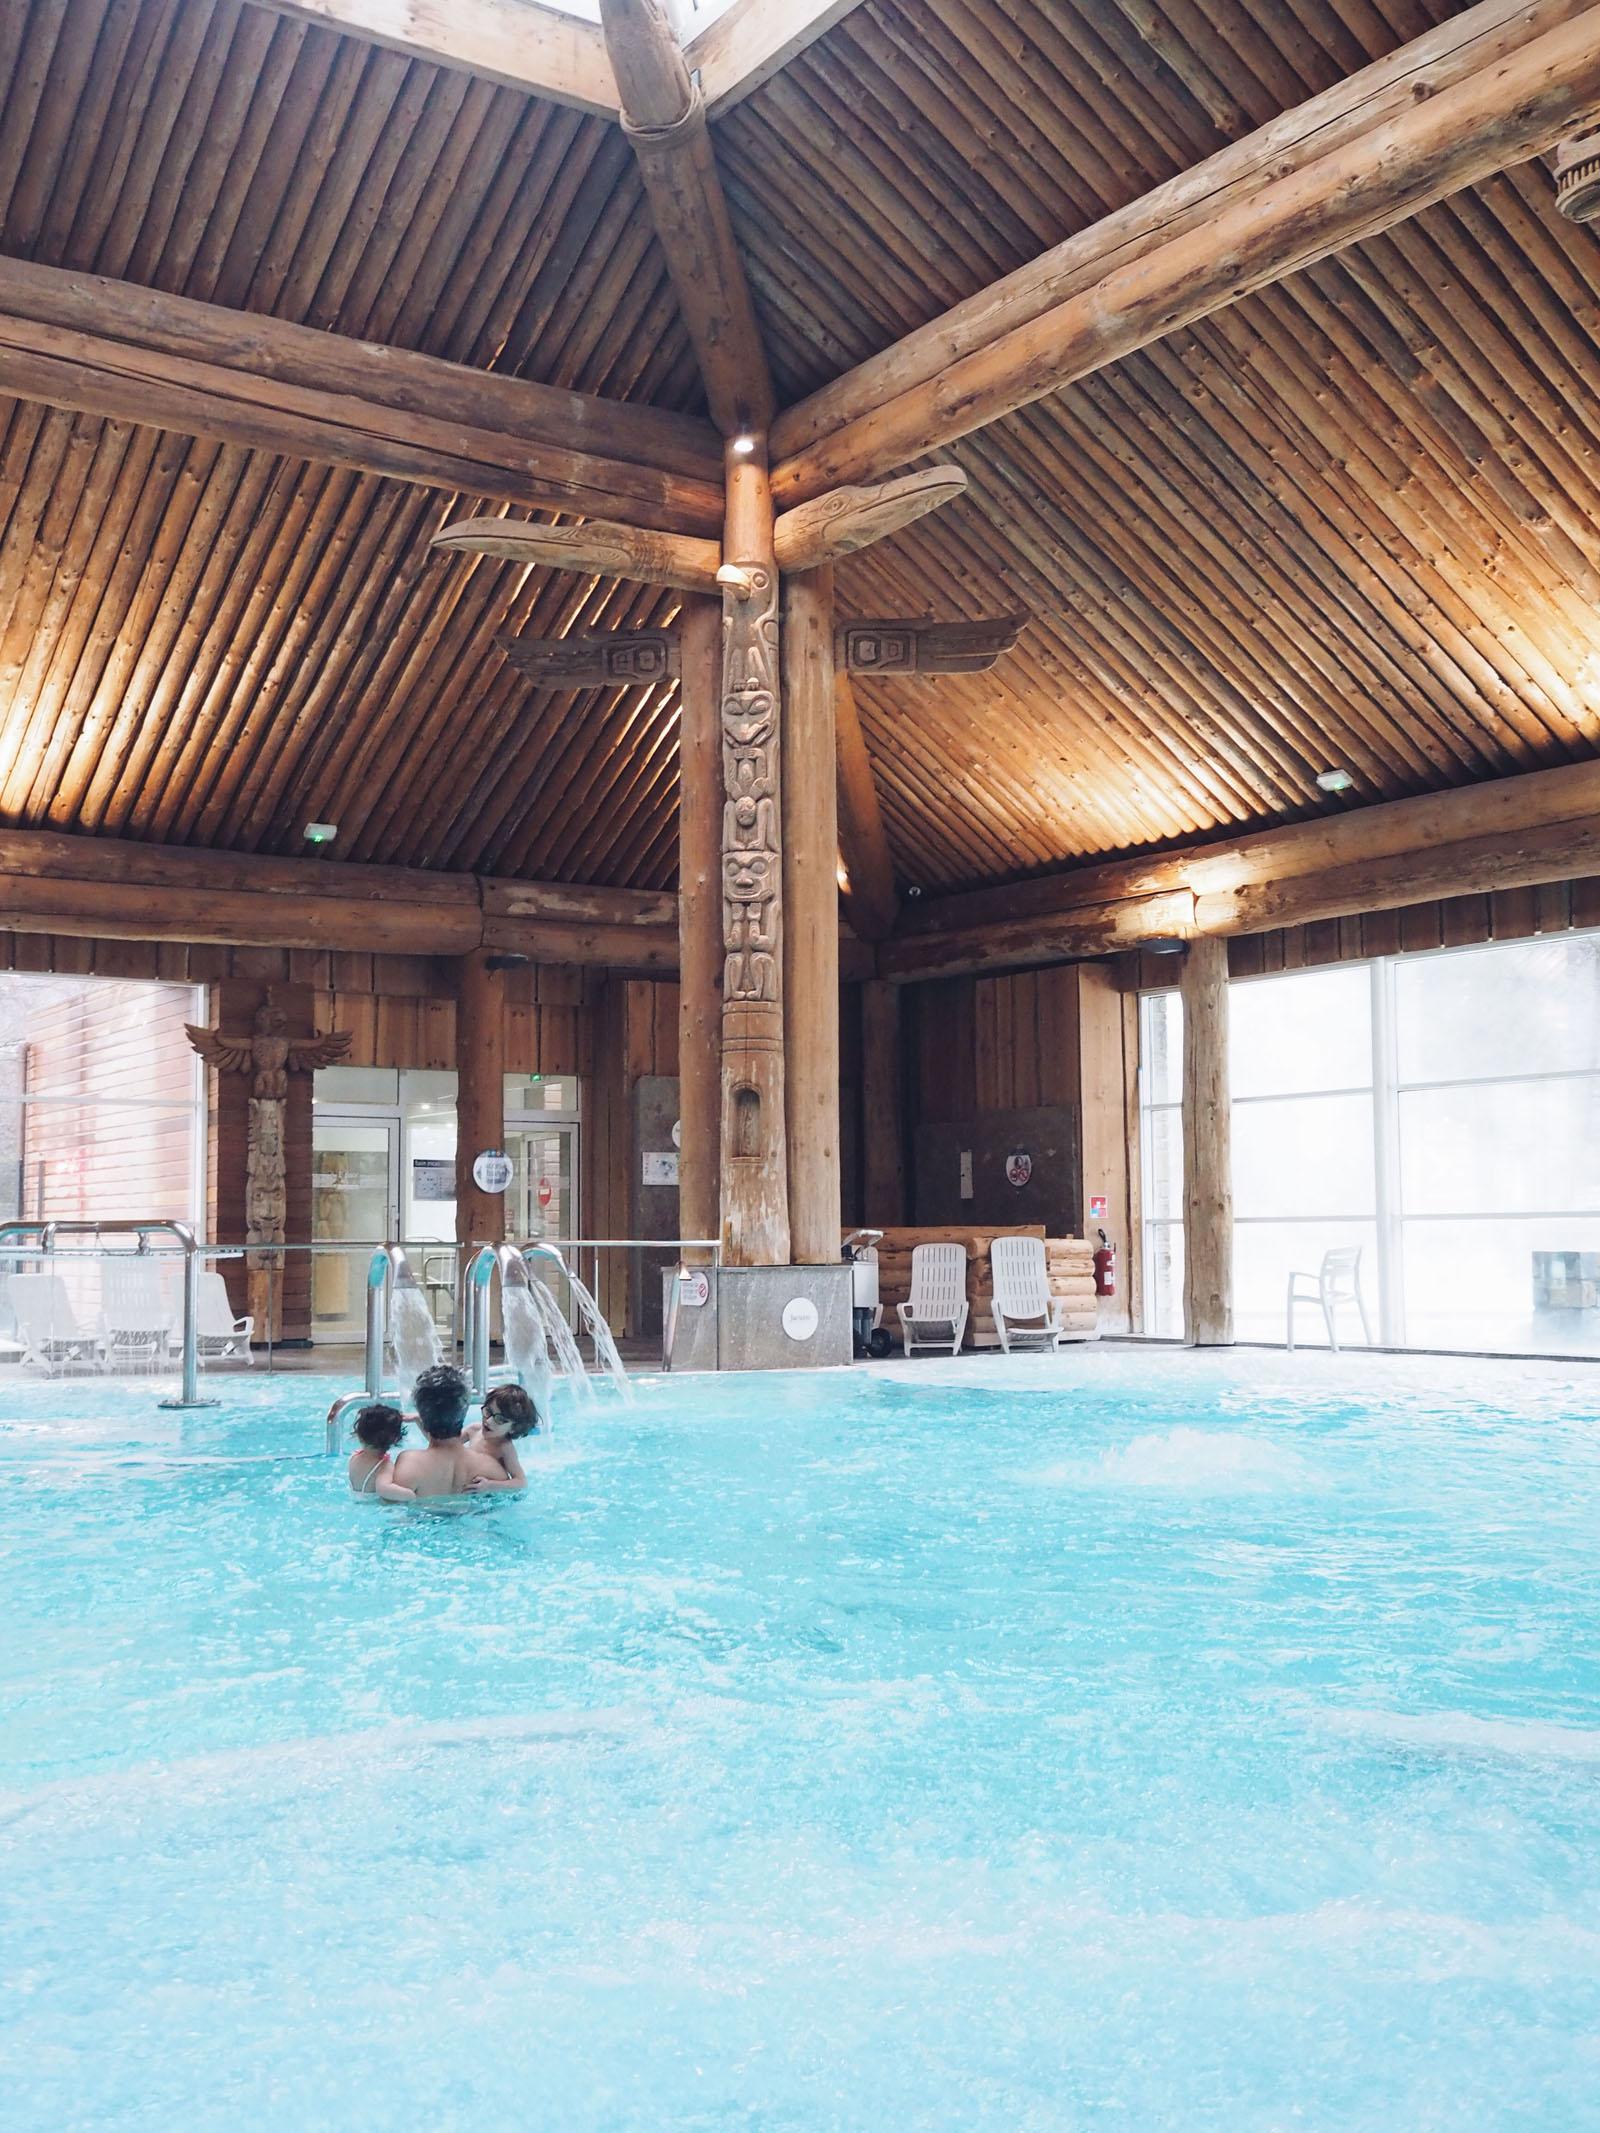 Vacances au ski en famille Hautes Pyrenees bonnes adresses hotel station l La Fiancee du Panda blog mariage et lifestyle-1028126